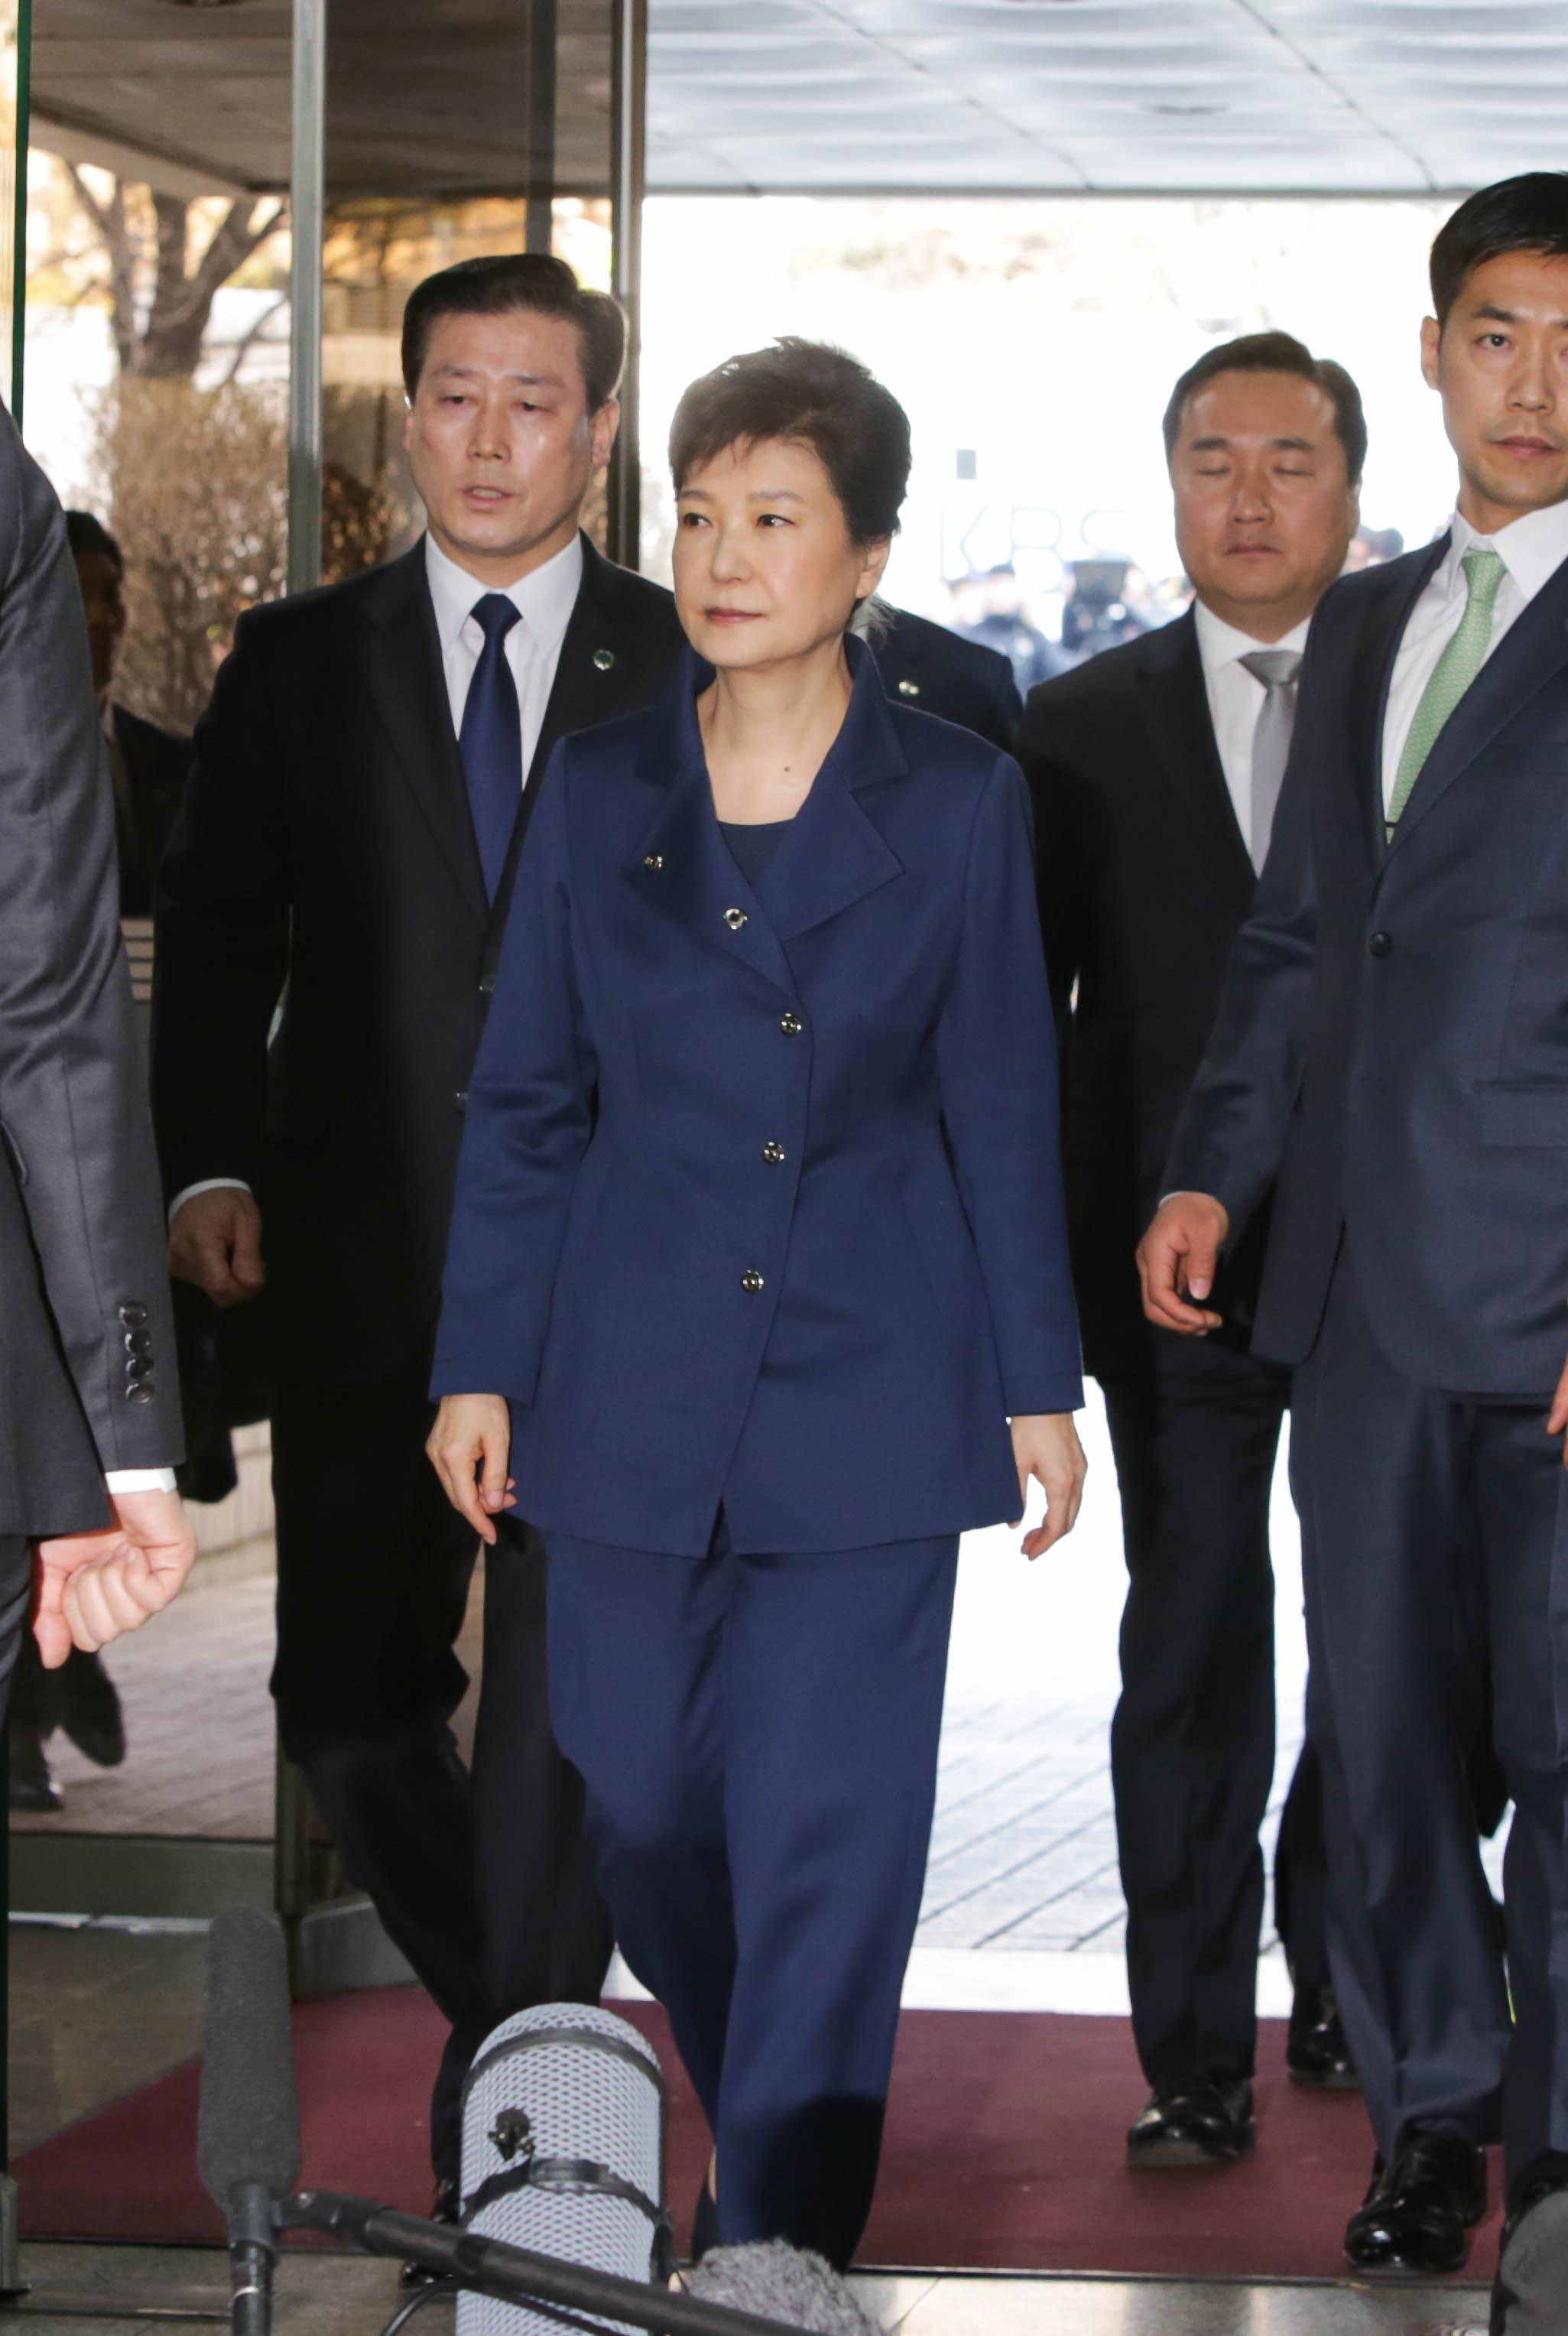 隨着南韓政治制度的民主化,南韓精英一步一步完成角色轉變,削去統治者的搜刮功能。(亞新社)